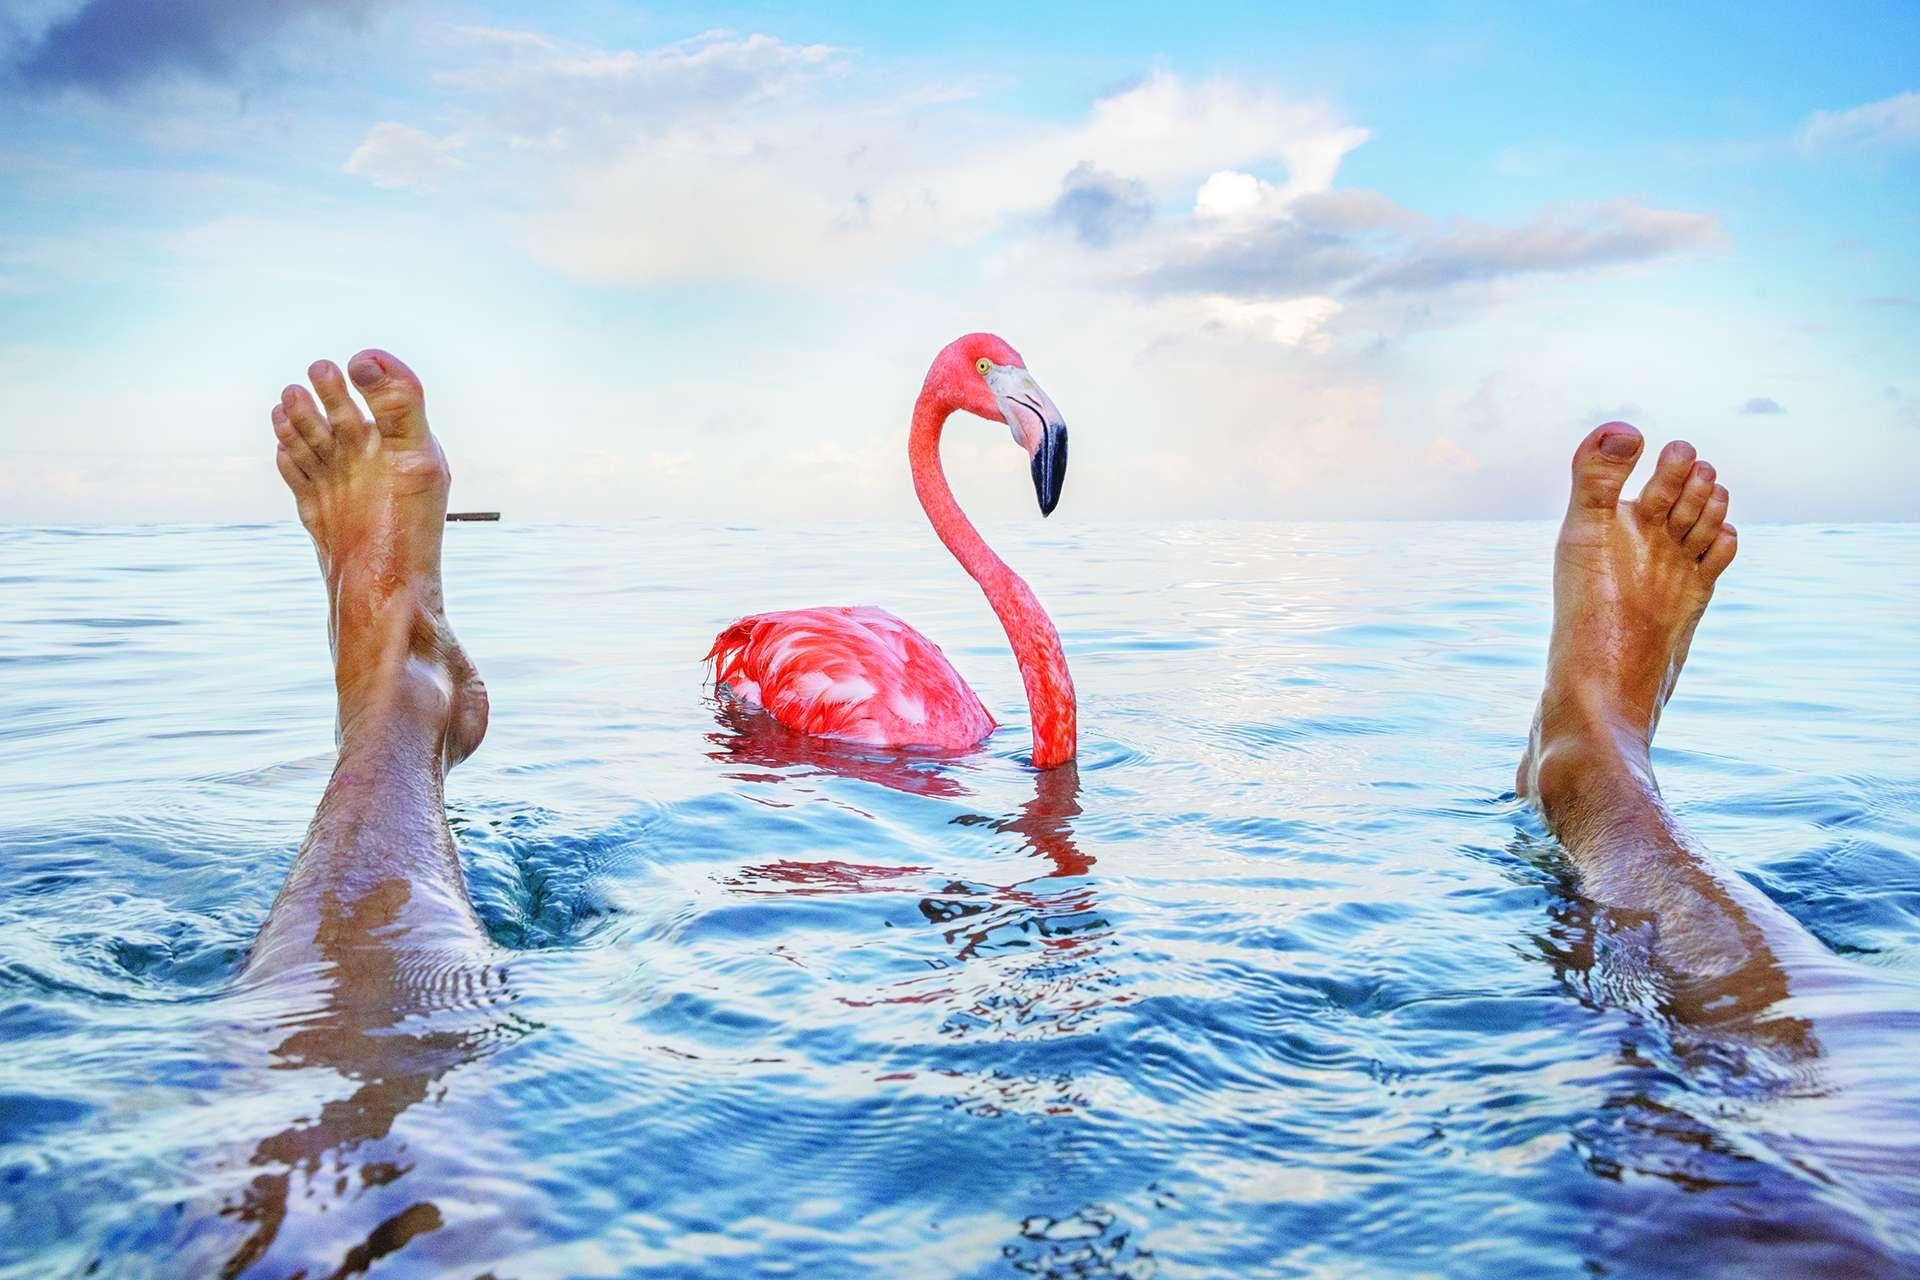 攝影師亞斯博. 杜斯特(歐黛特的堂弟)和鮑伯一起在加勒比海游泳。攝影: 亞斯博. 杜斯特 JASPER DOEST